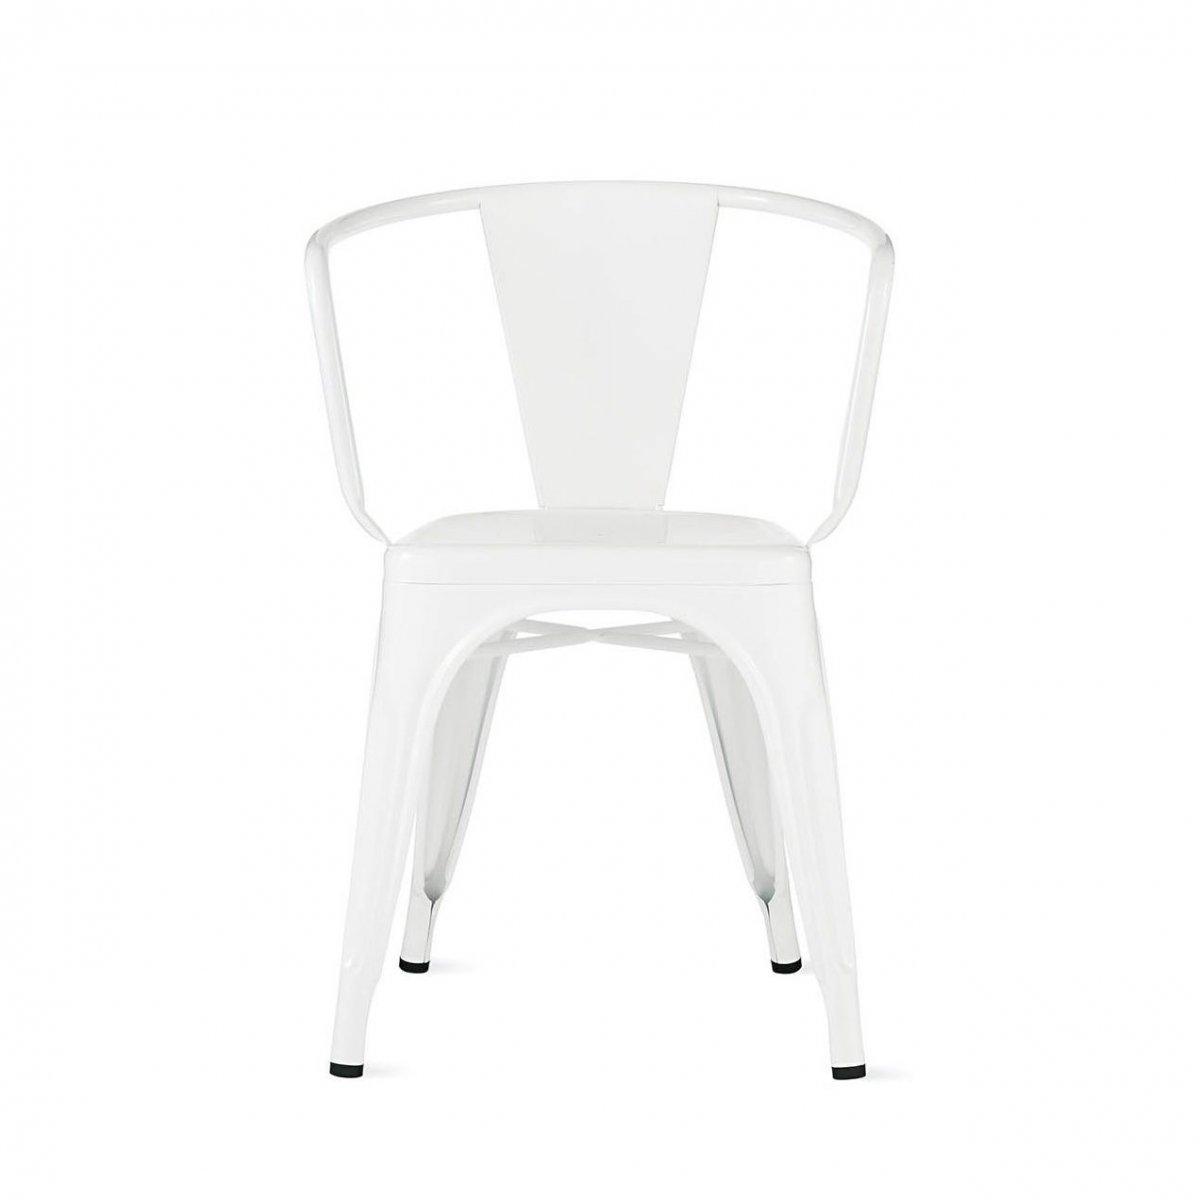 A56 Armchair, white.